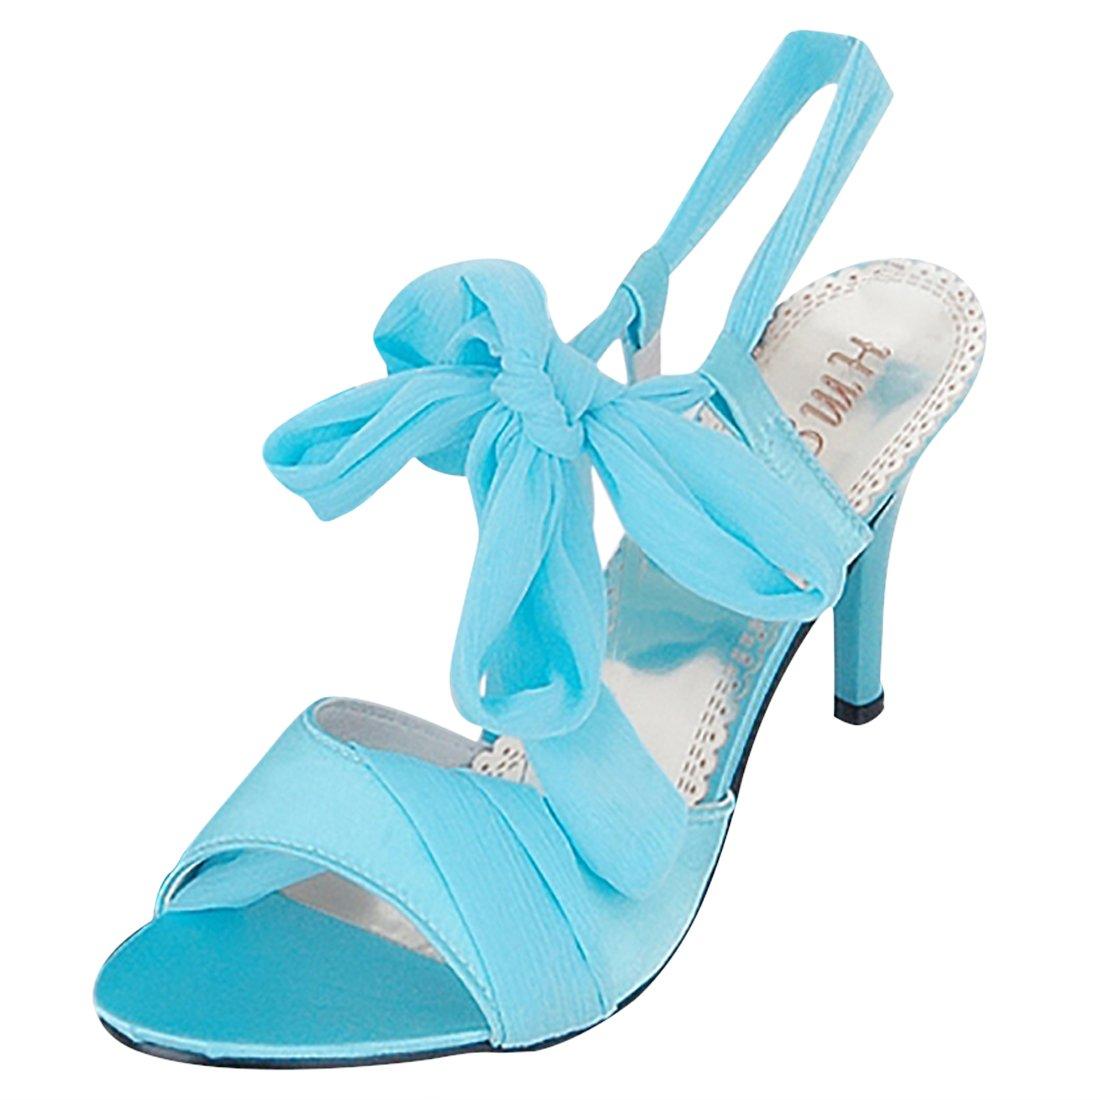 Y2Y Studio Femmes Sandales pour D été Bandage Et Talon Aiguille Femmes Lanière Cheville de Bandage Classy Et Elegantes Bleu c505d85 - epictionpvp.space